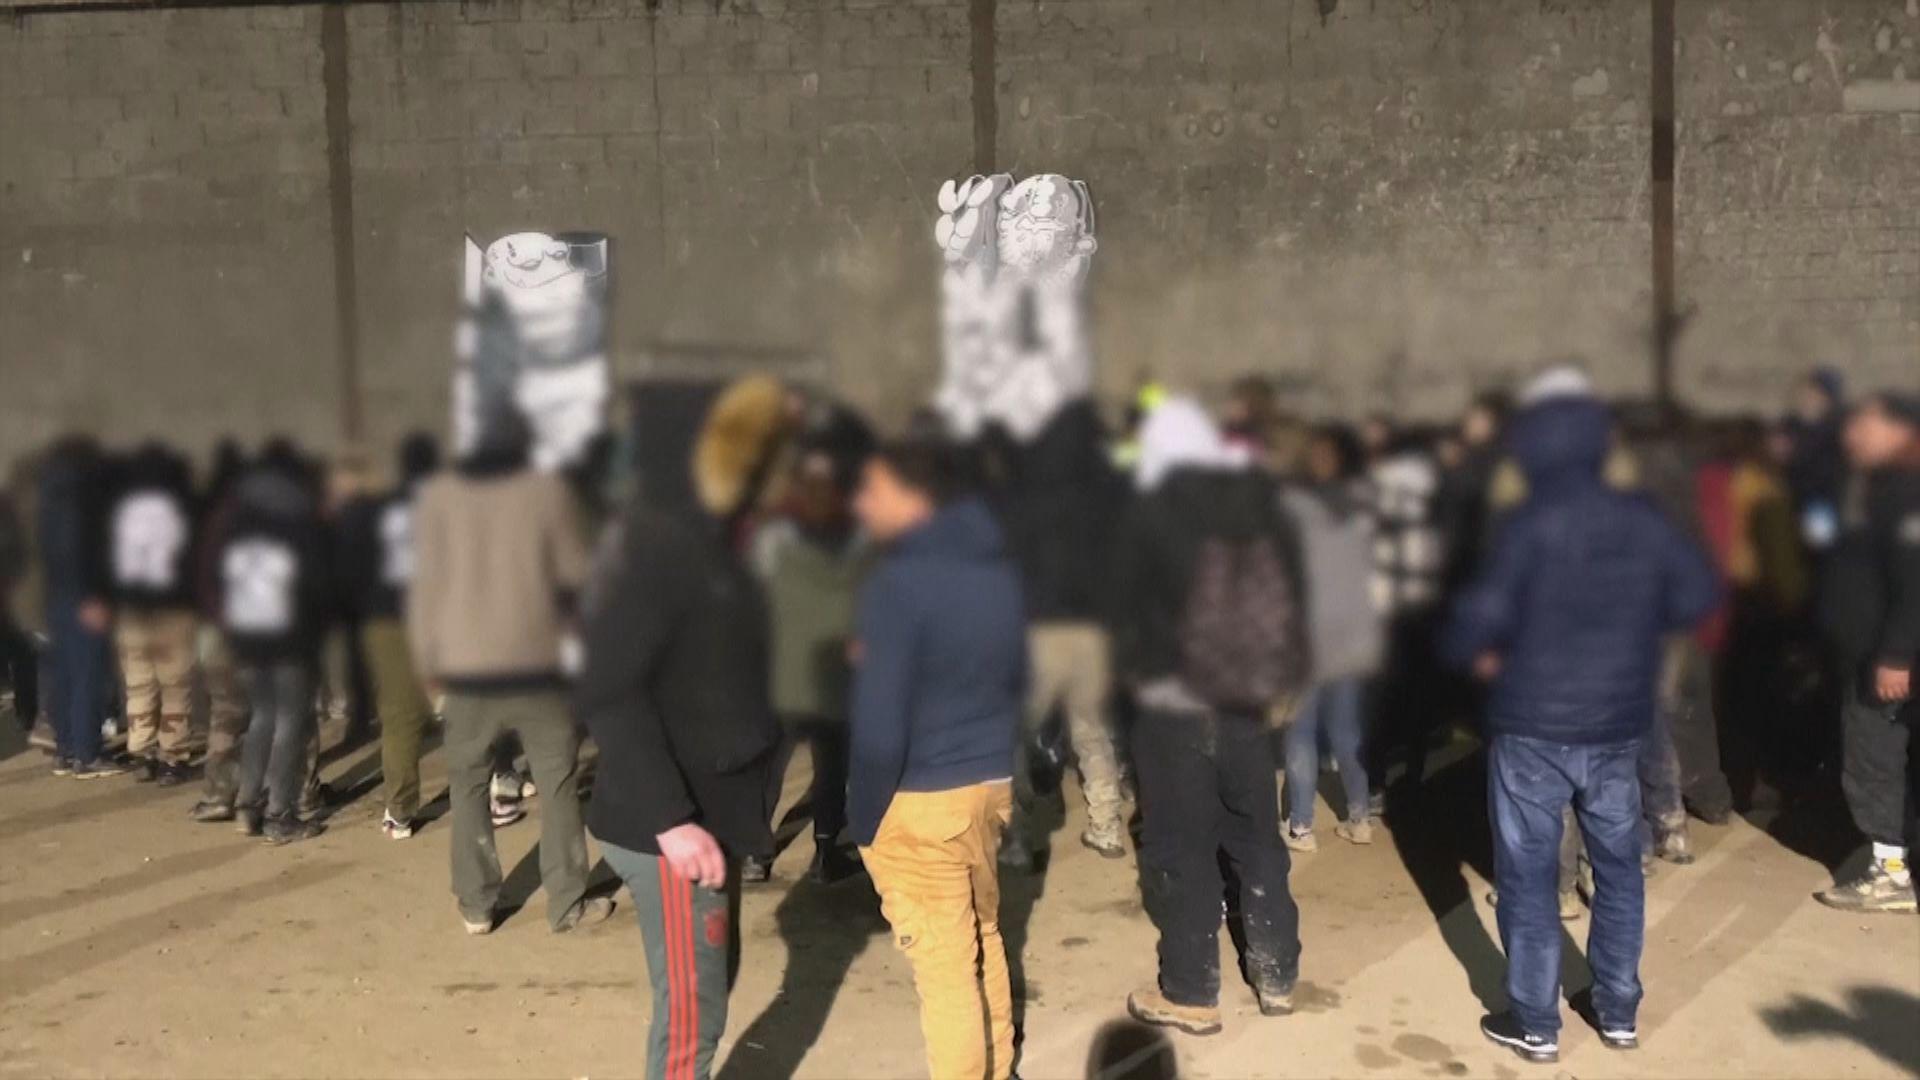 法國警方調查除夕夜違法派對 七人被拘留